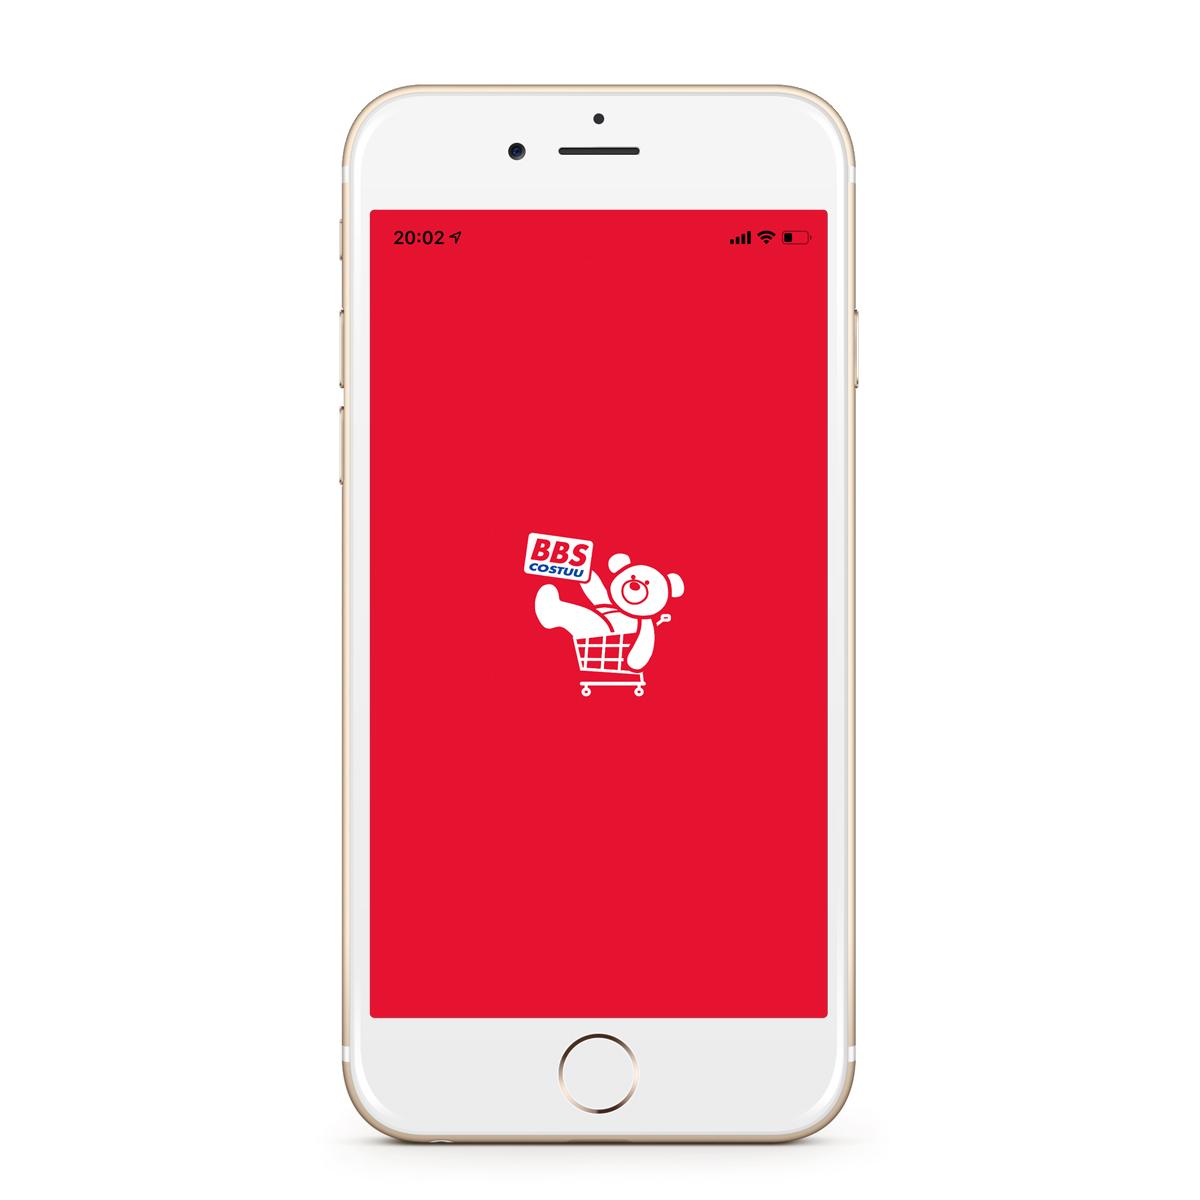 コストコ通掲示板がiPhoneアプリになりましたー!